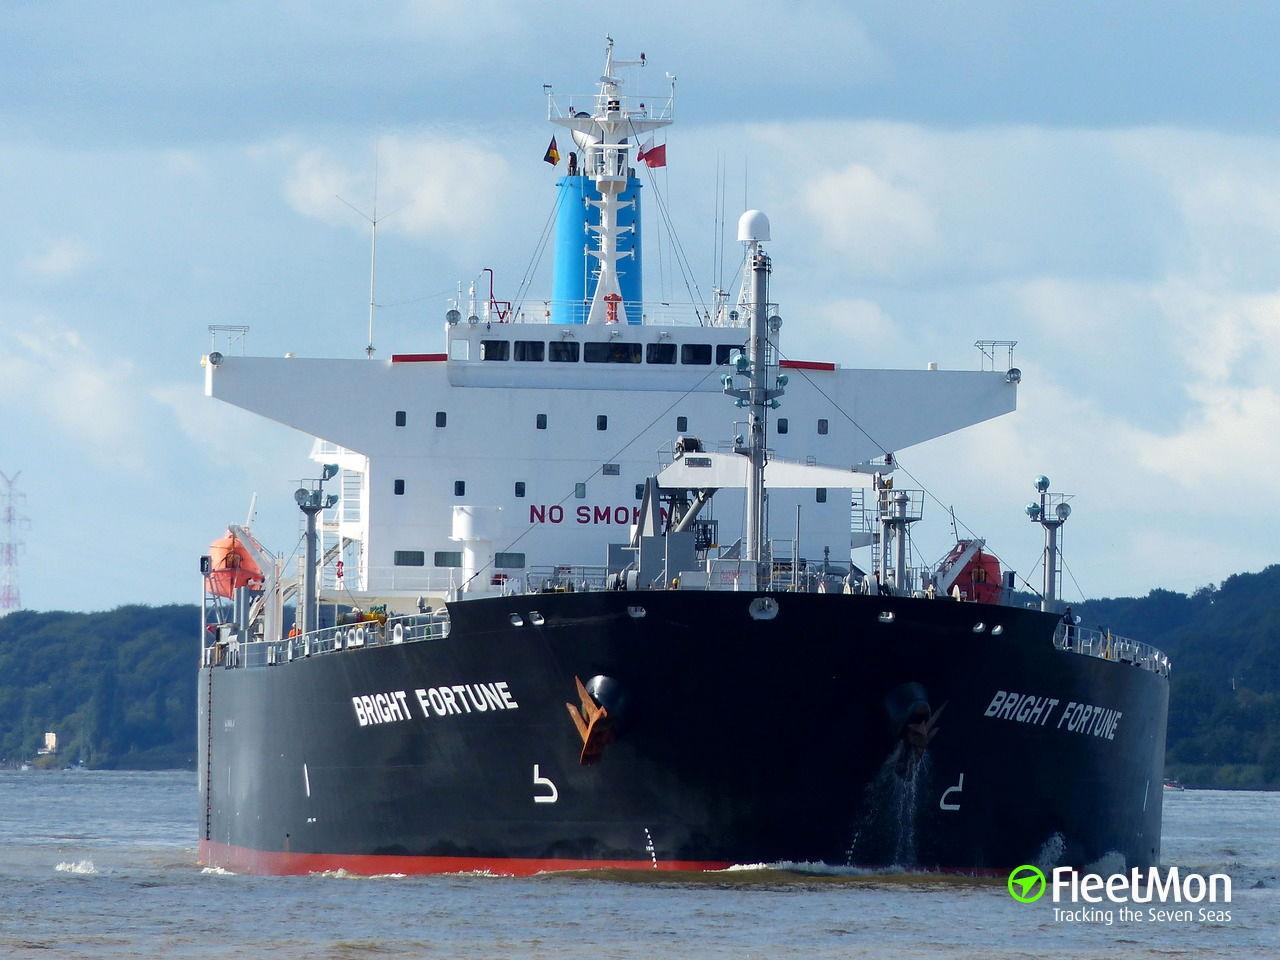 Vessel BRIGHT FORTUNE (Oil tanker) IMO 9561370, MMSI 351896000